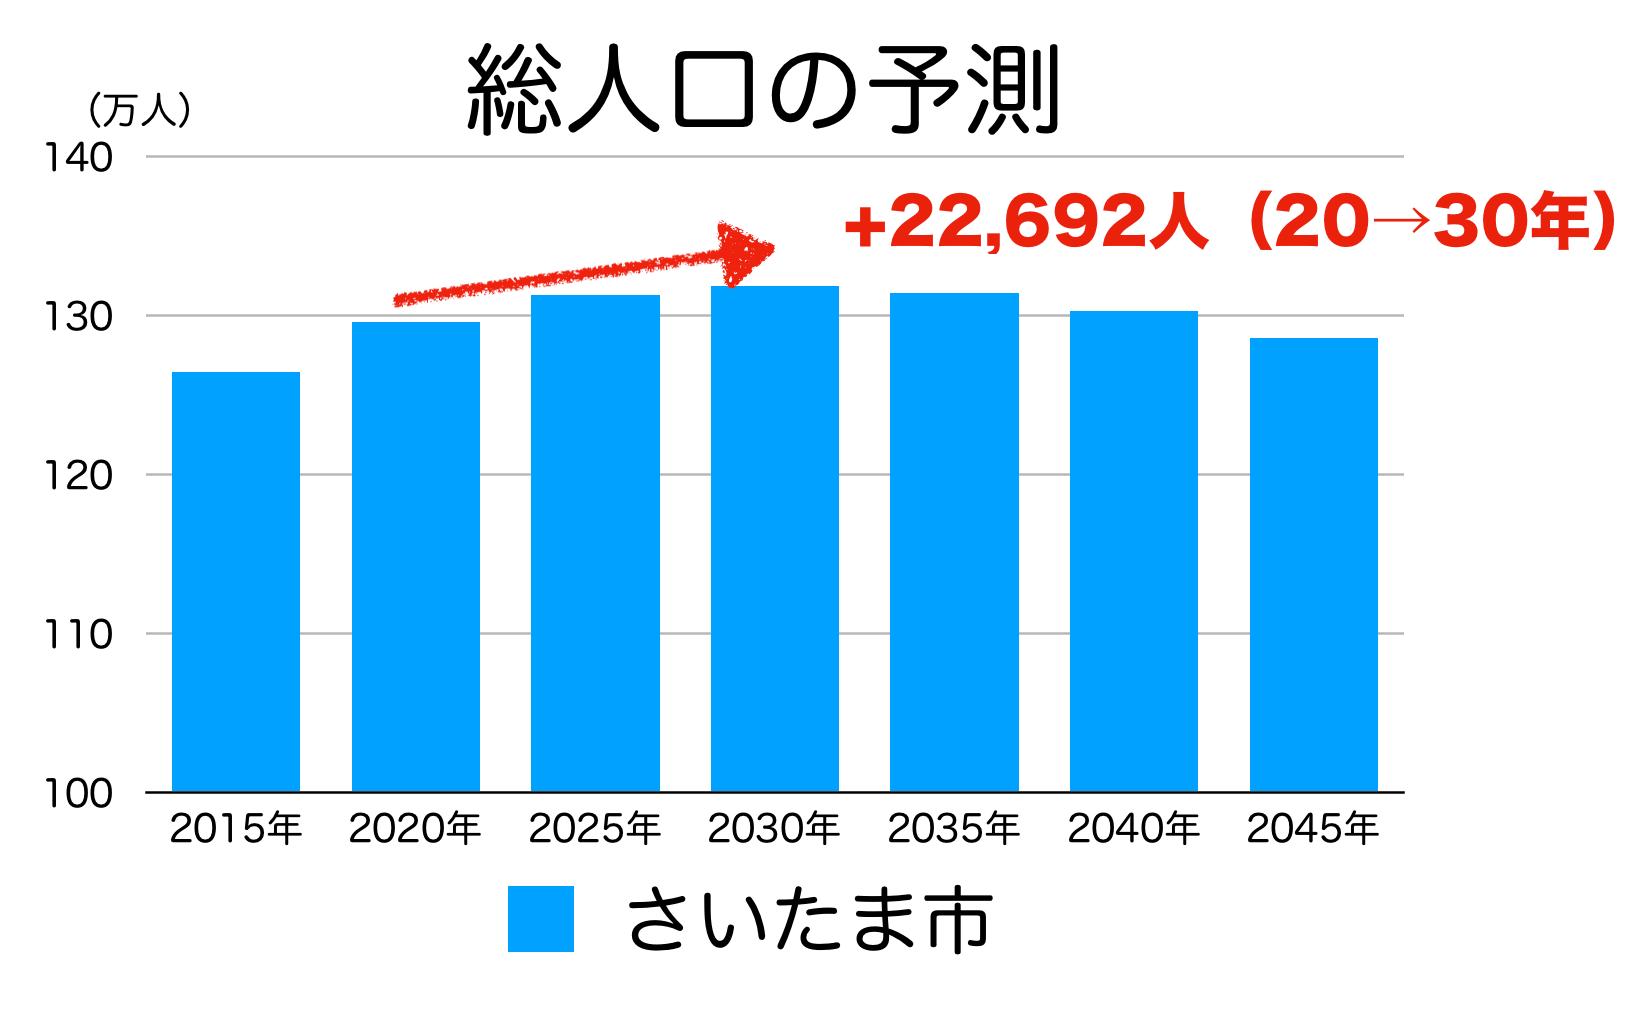 さいたま市の人口予測